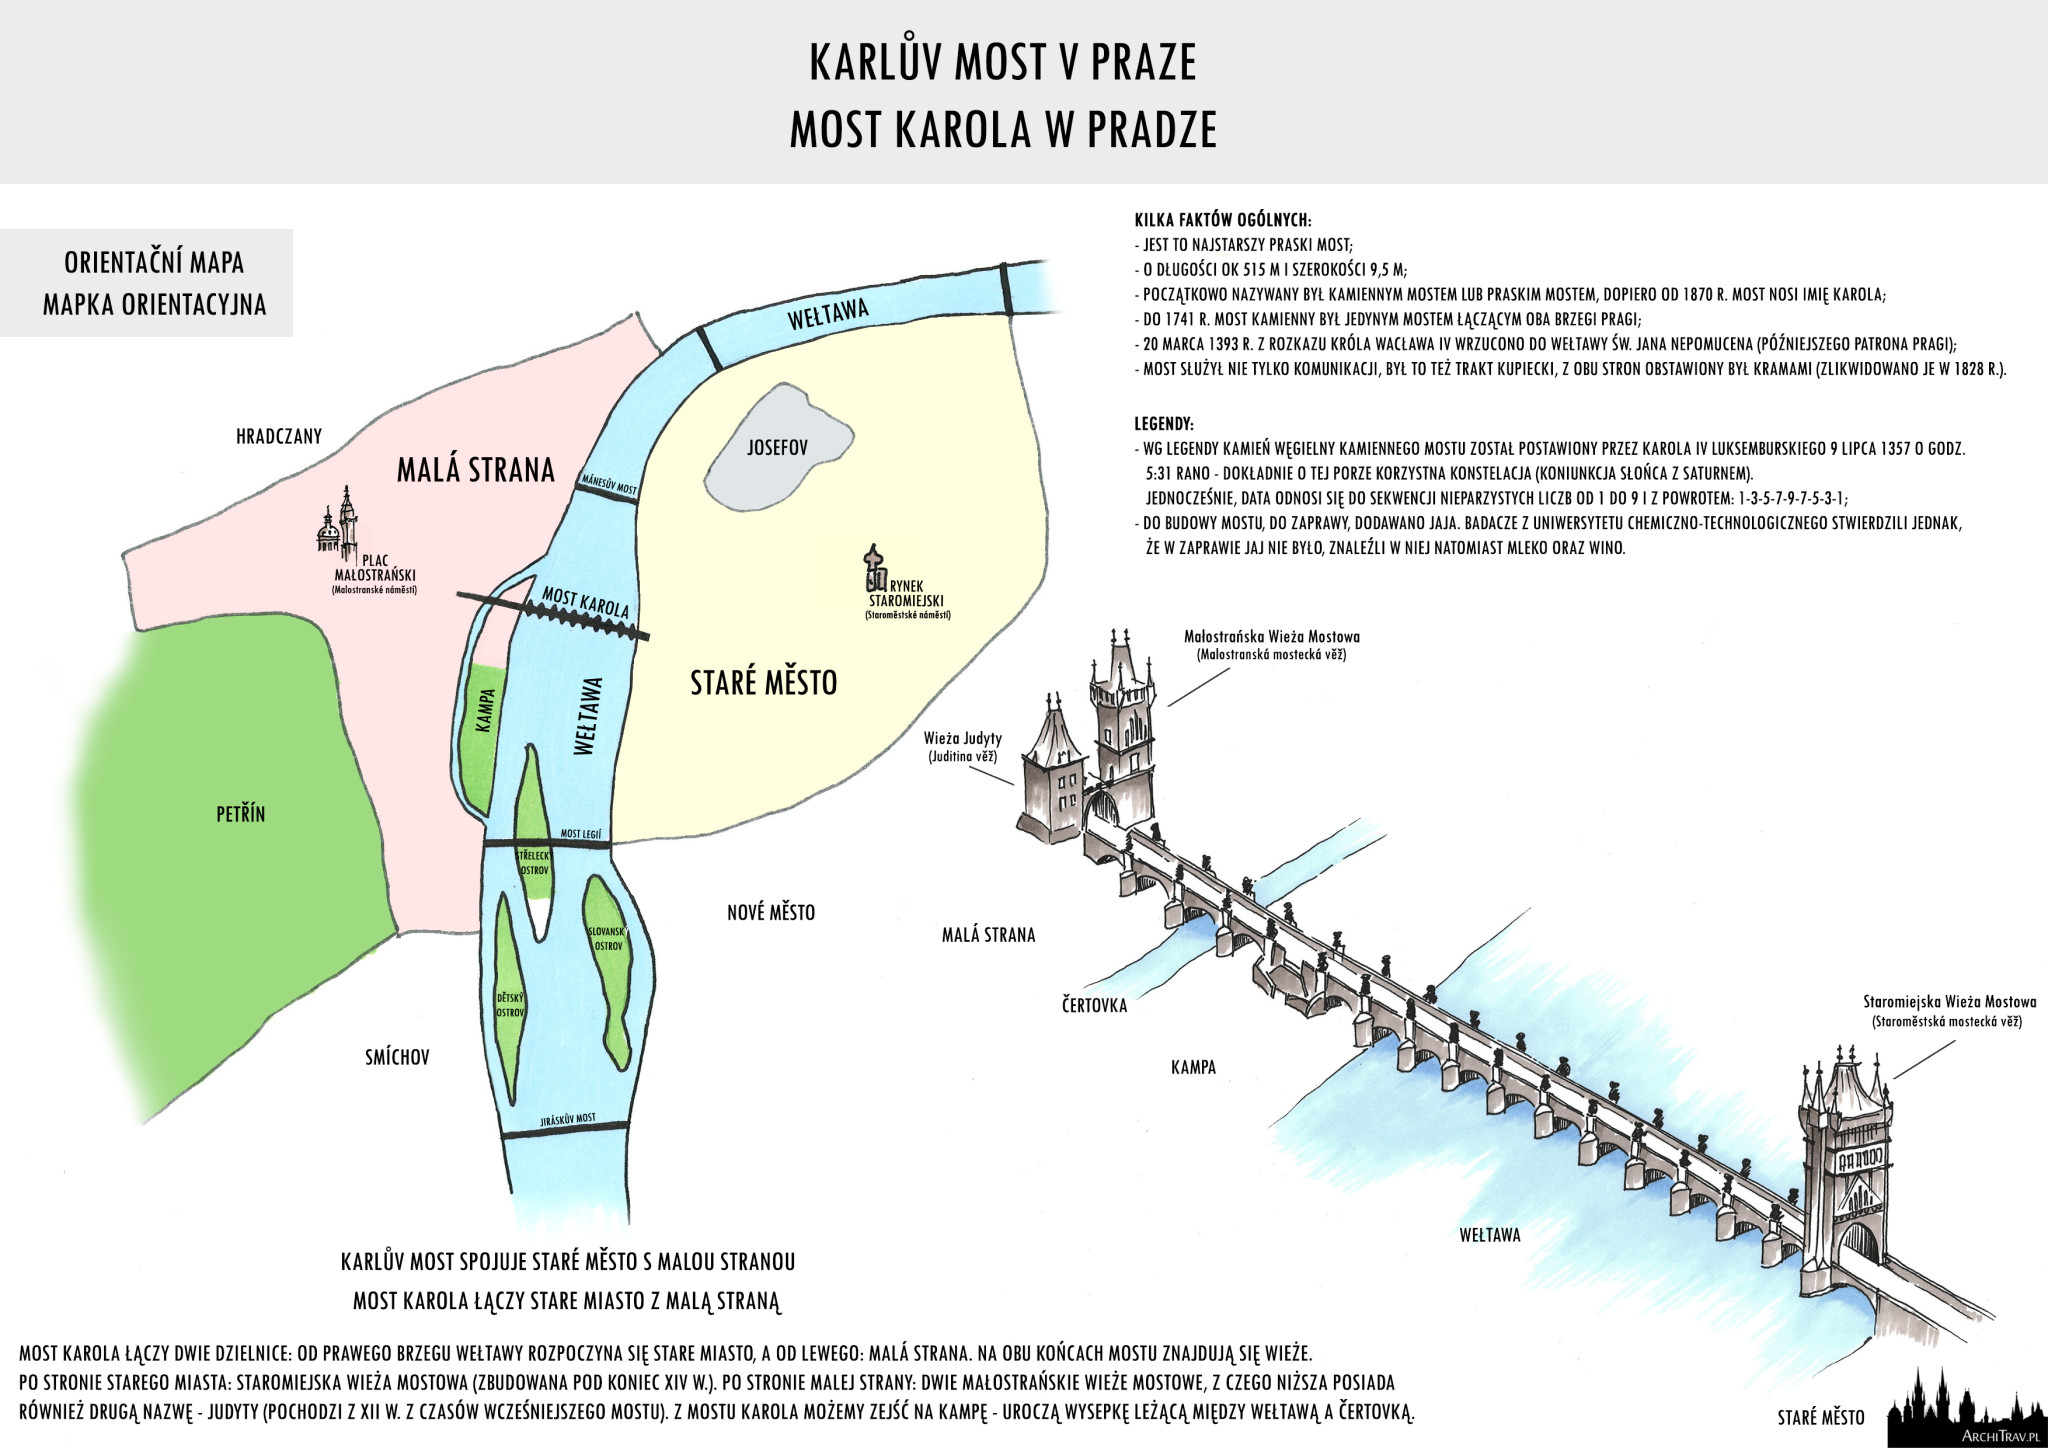 rysunek odręczny po lewej mapka orientacyjna ukazująca położenie Mostu Karola w Pradze, po prawej na dole rysunek mostu, na górze krótki opis i legendy dot. mostu